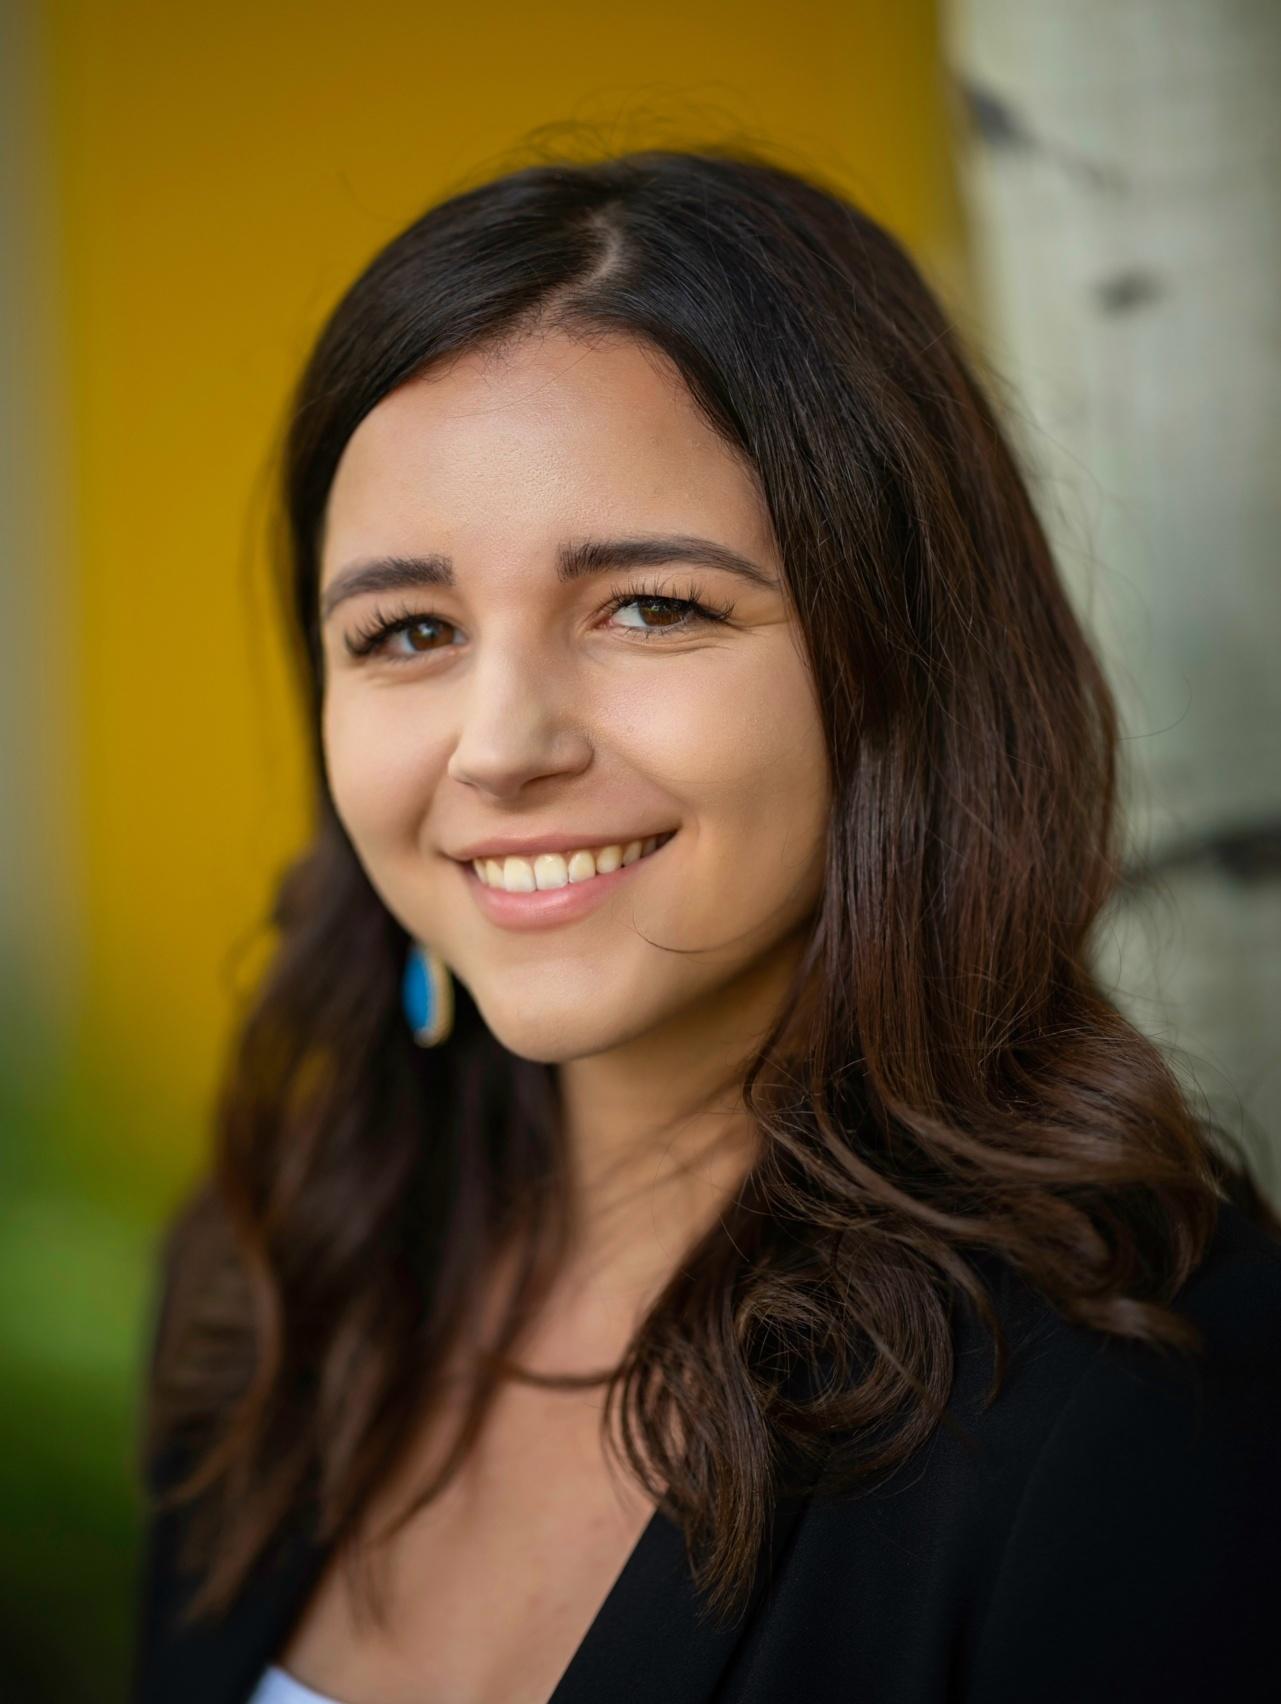 Ashley Sillaro